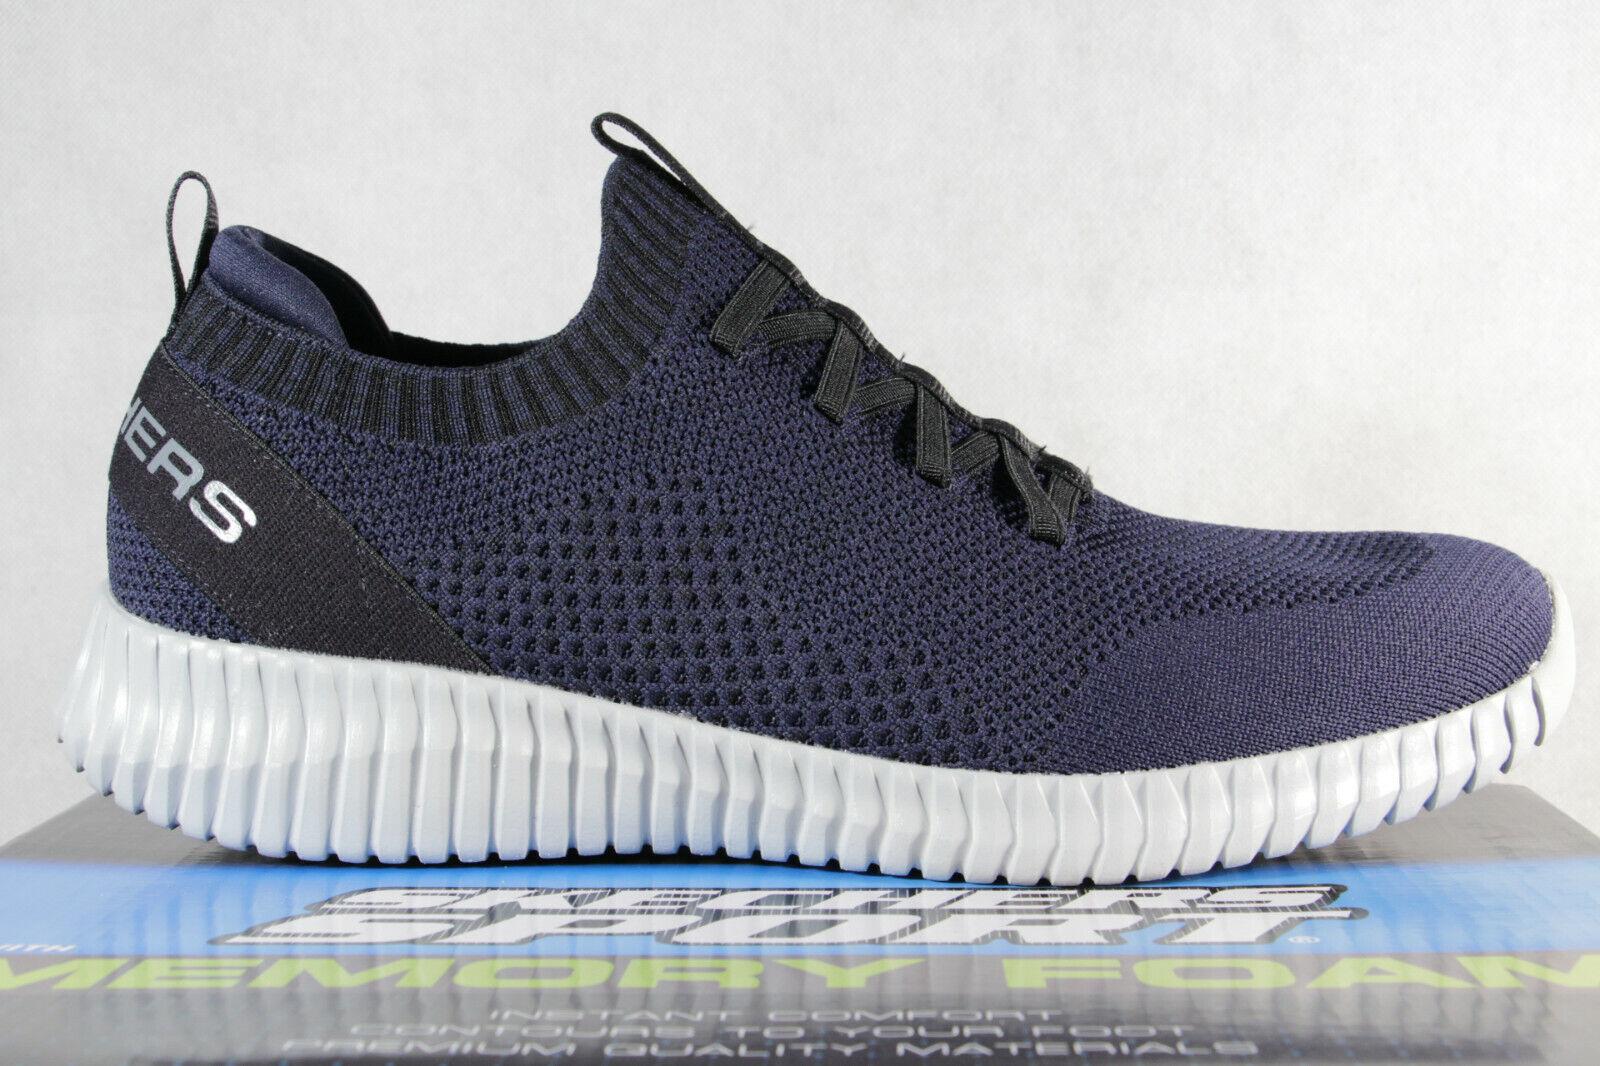 Skechers Herren Slipper Sneaker Sneakers Sportschuhe blau